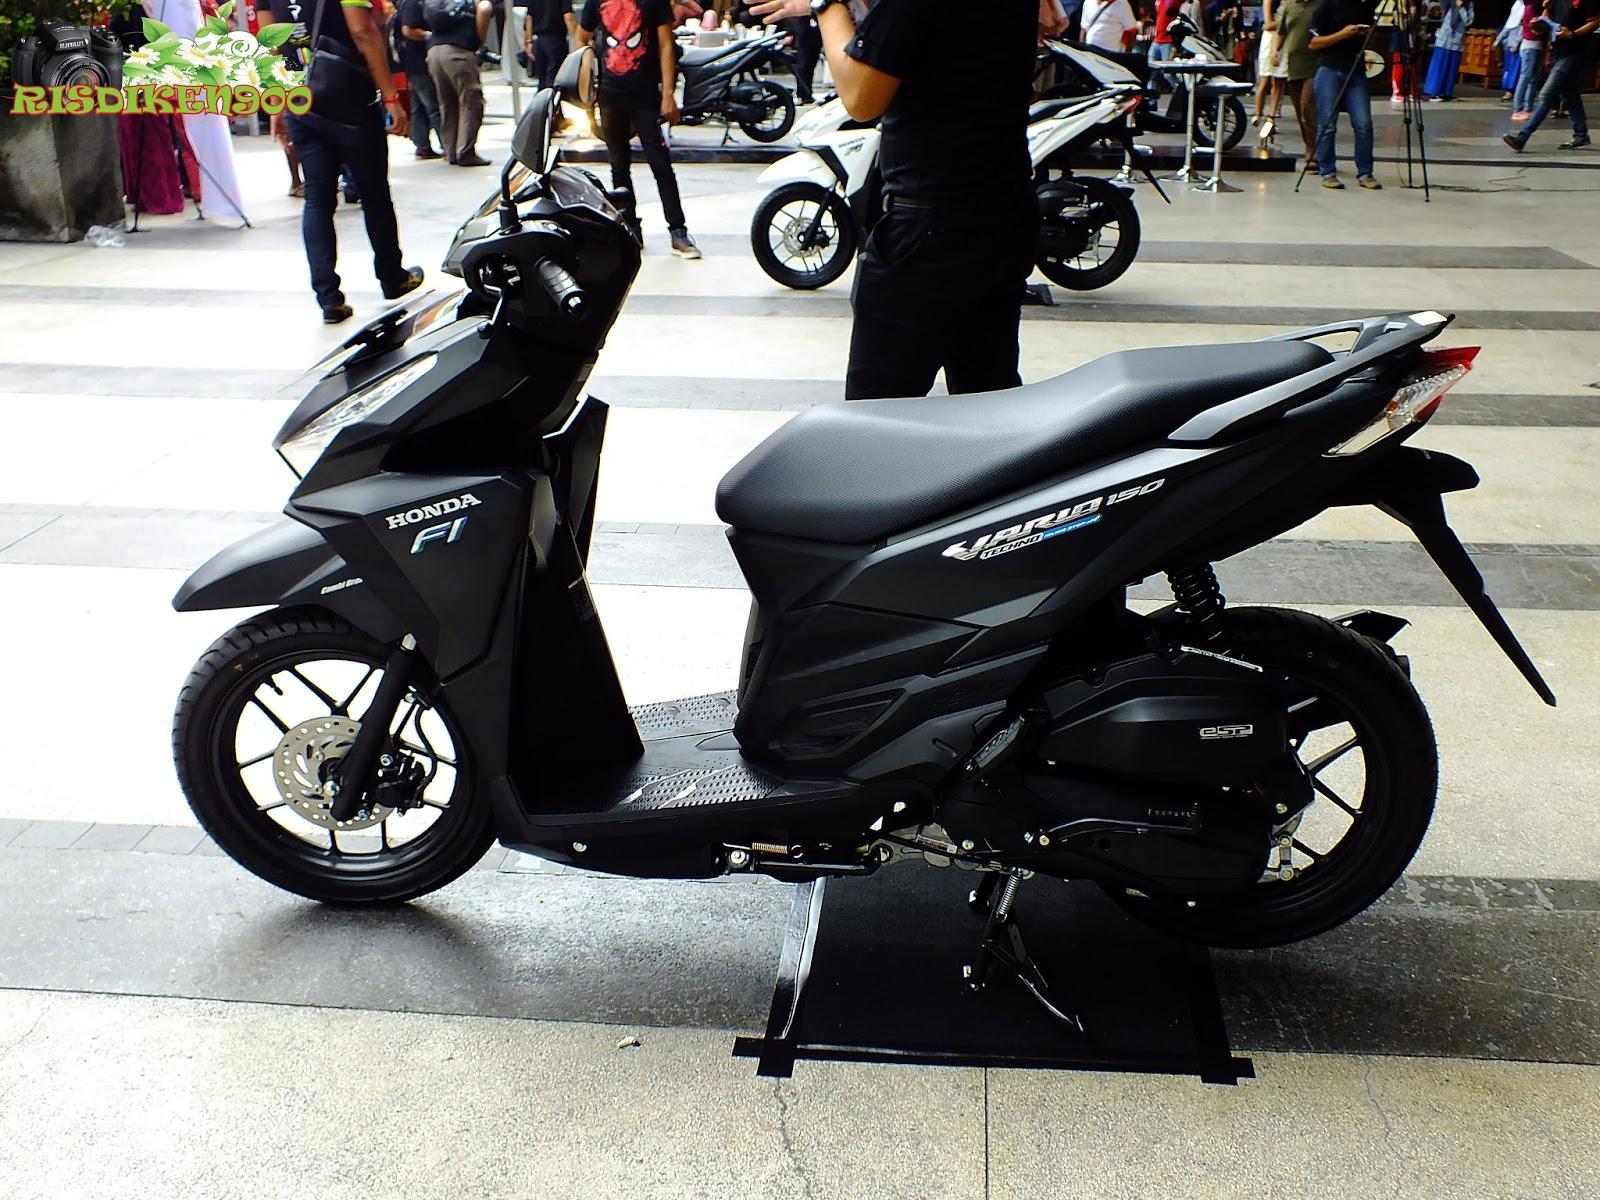 Harga Jual Honda Vario 150 Di Solo Motor Ganti Oli Mesin All New Esp Exclusive Matte Black Sukoharjo Gambar 150cc 2016